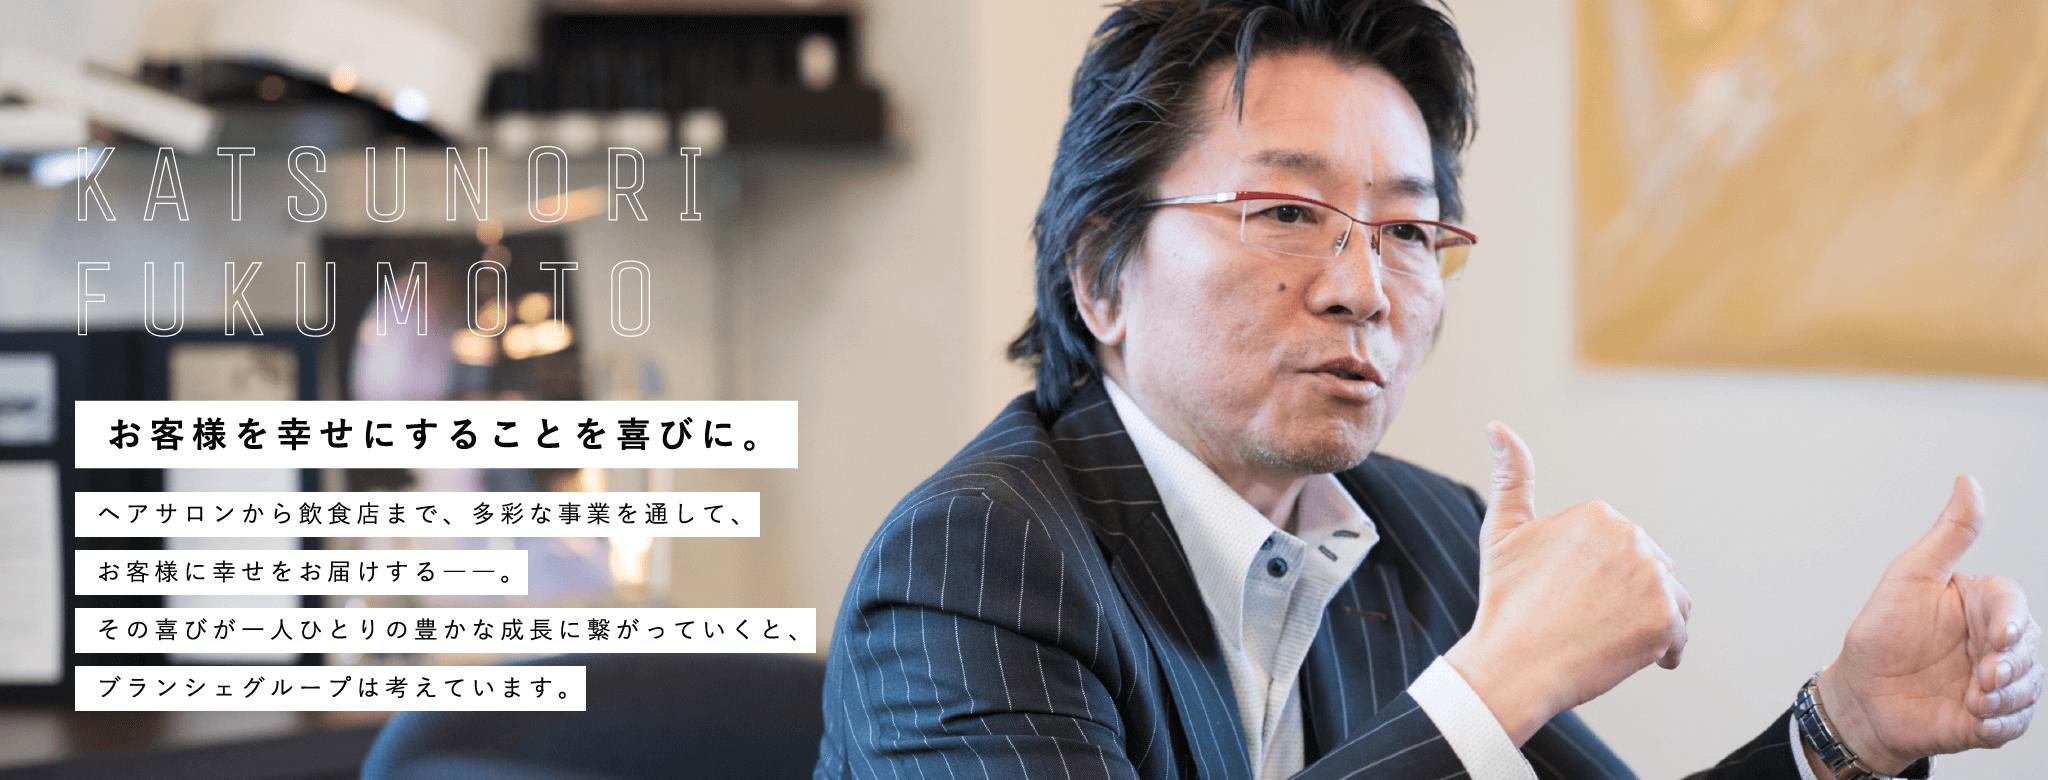 KATSUNORI FUKUMOTO|お客様を幸せにすることを喜びに。ヘアサロンから飲食店まで、多彩な事業を通して、お客様に幸せをお届けする――。その喜びが一人ひとりの豊かな成長に繋がっていくと、ブランシェグループは考えています。